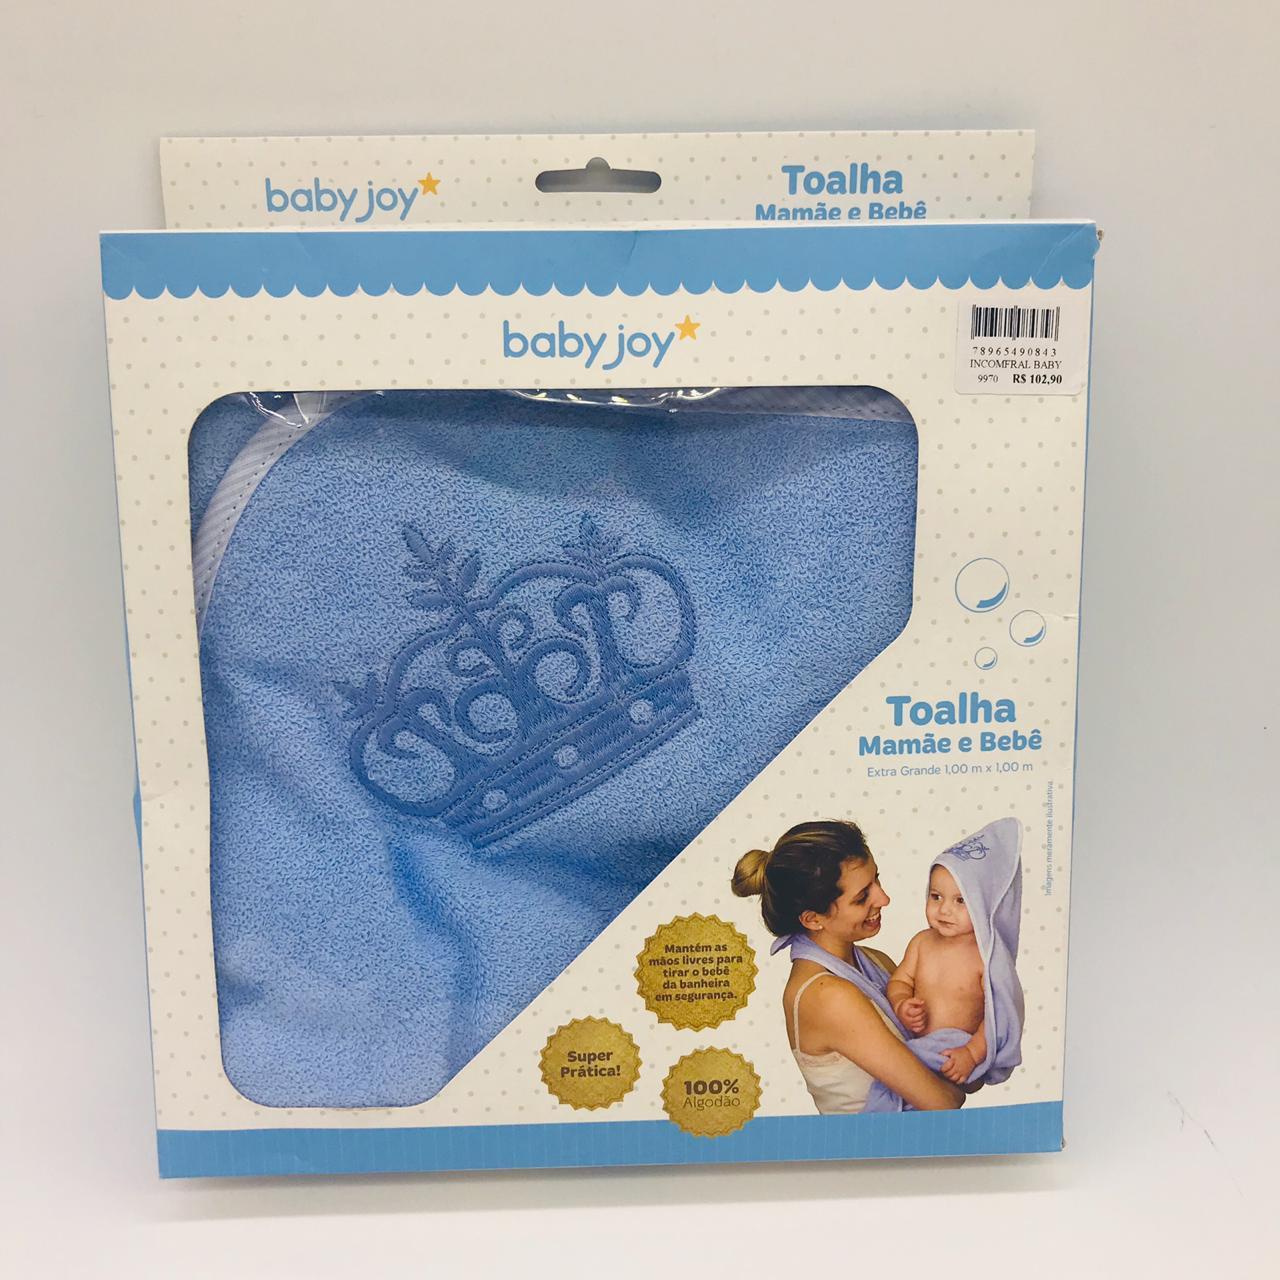 Toalha Mamãe e Bebê Extra Grande Azul - Baby Joy Incomfral Ref 04043311010001